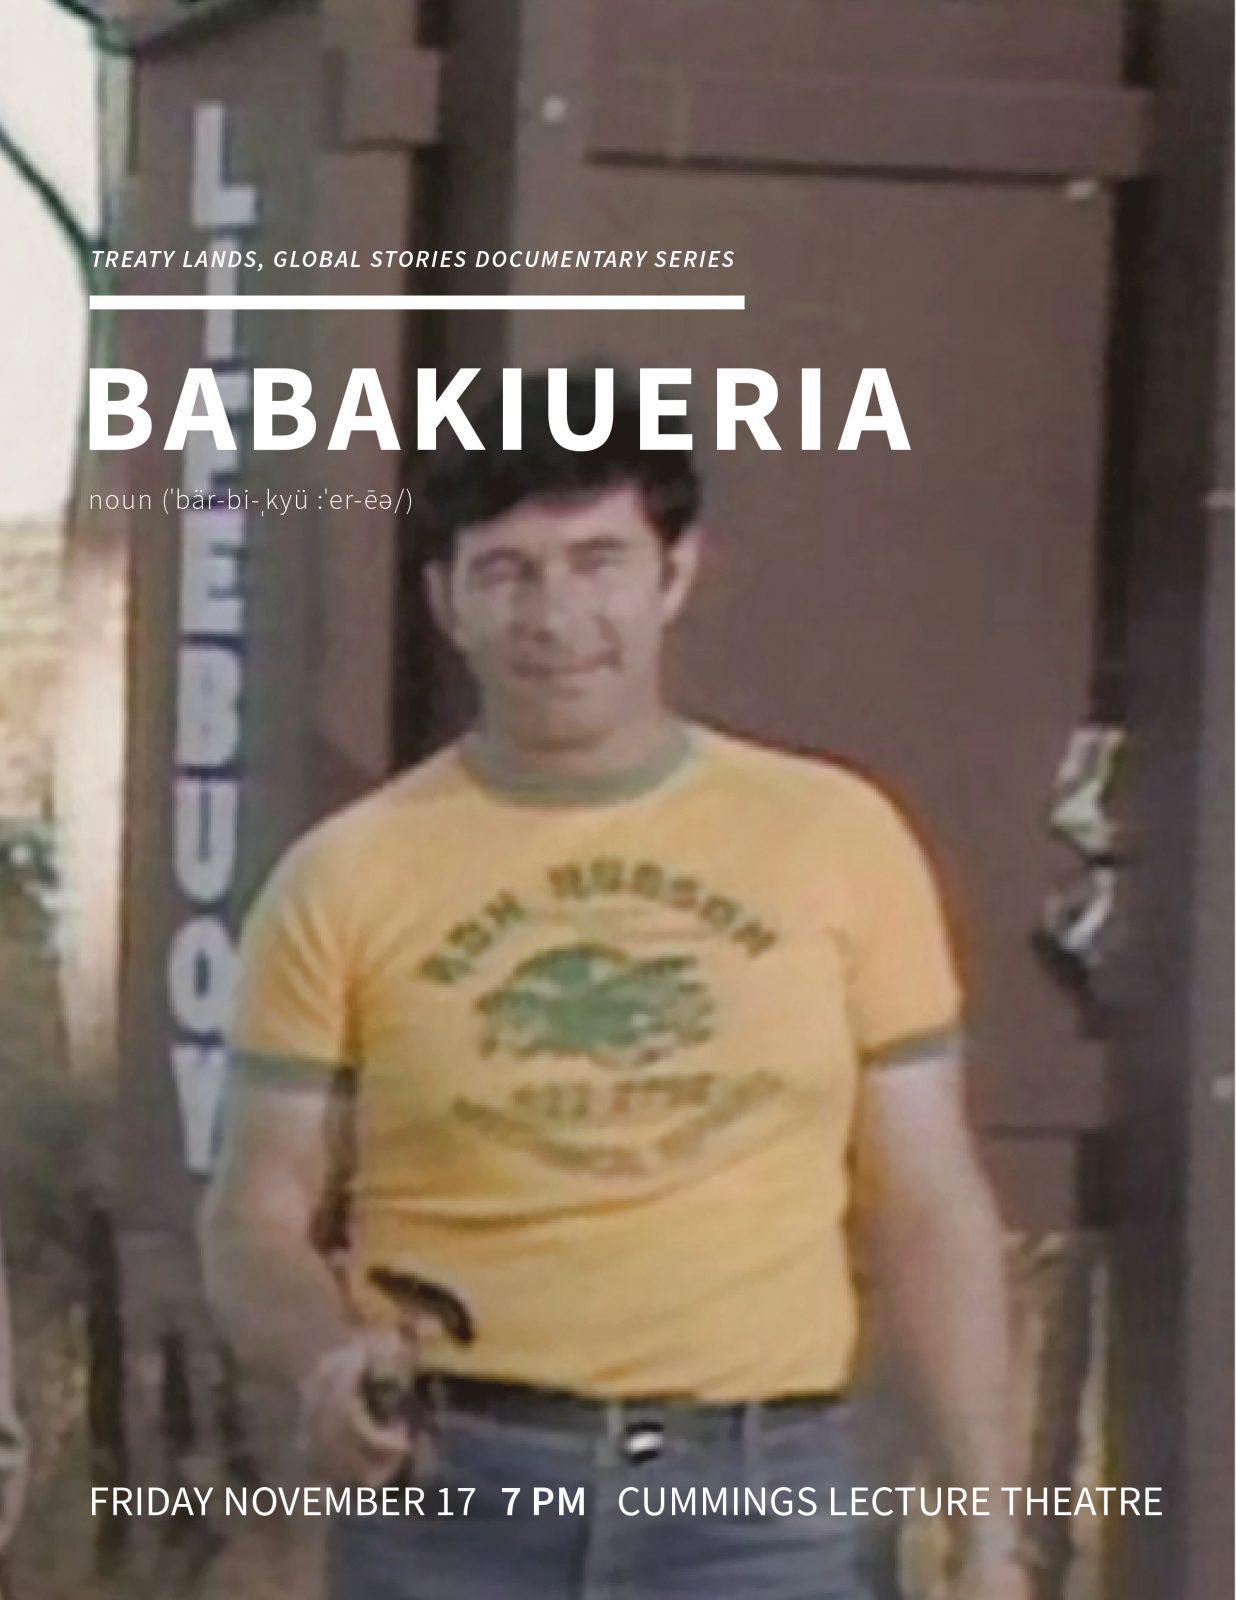 Babakieueria-03